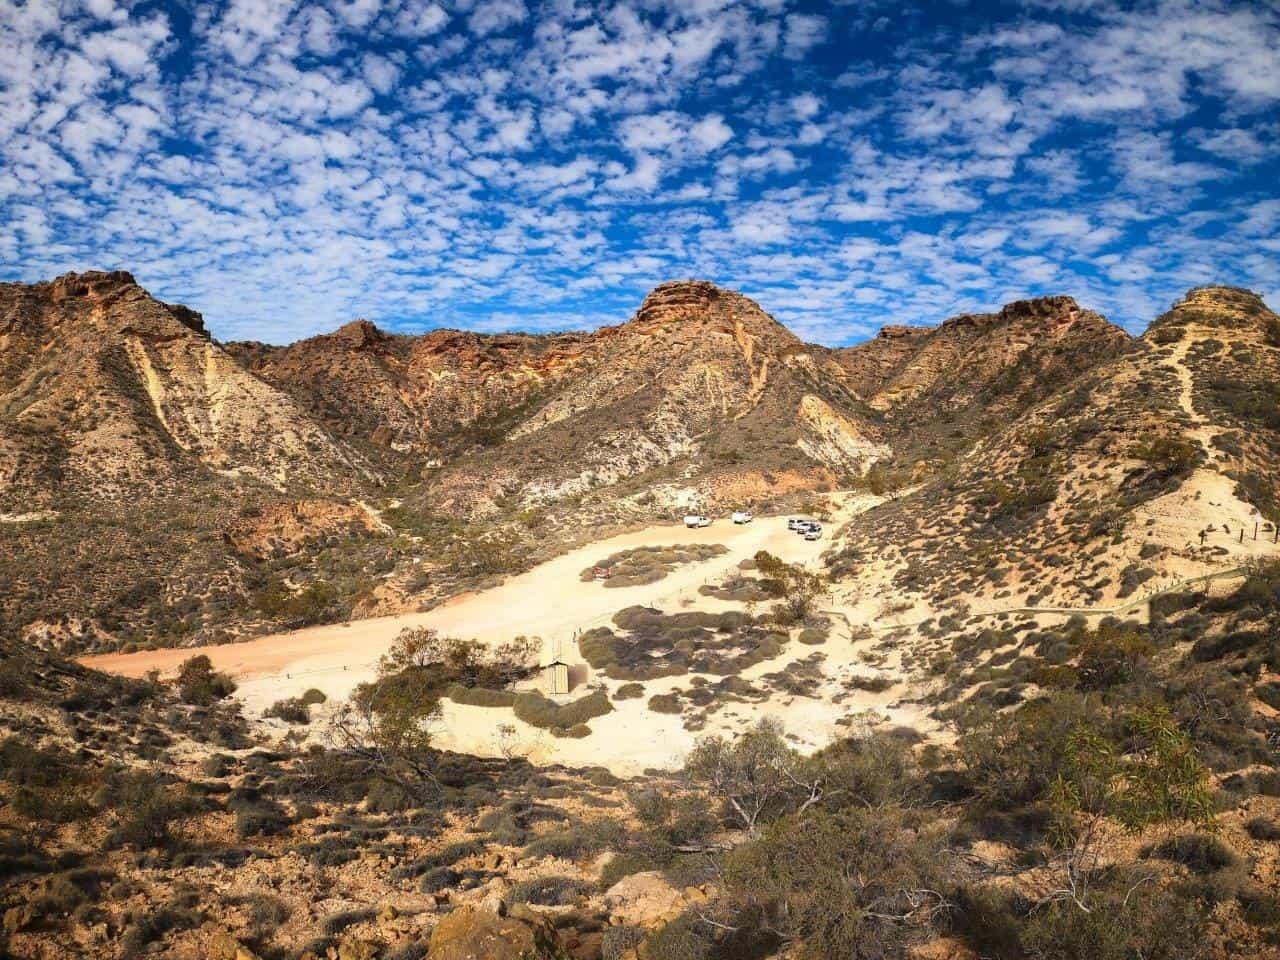 Shothole Canyon is spectacular